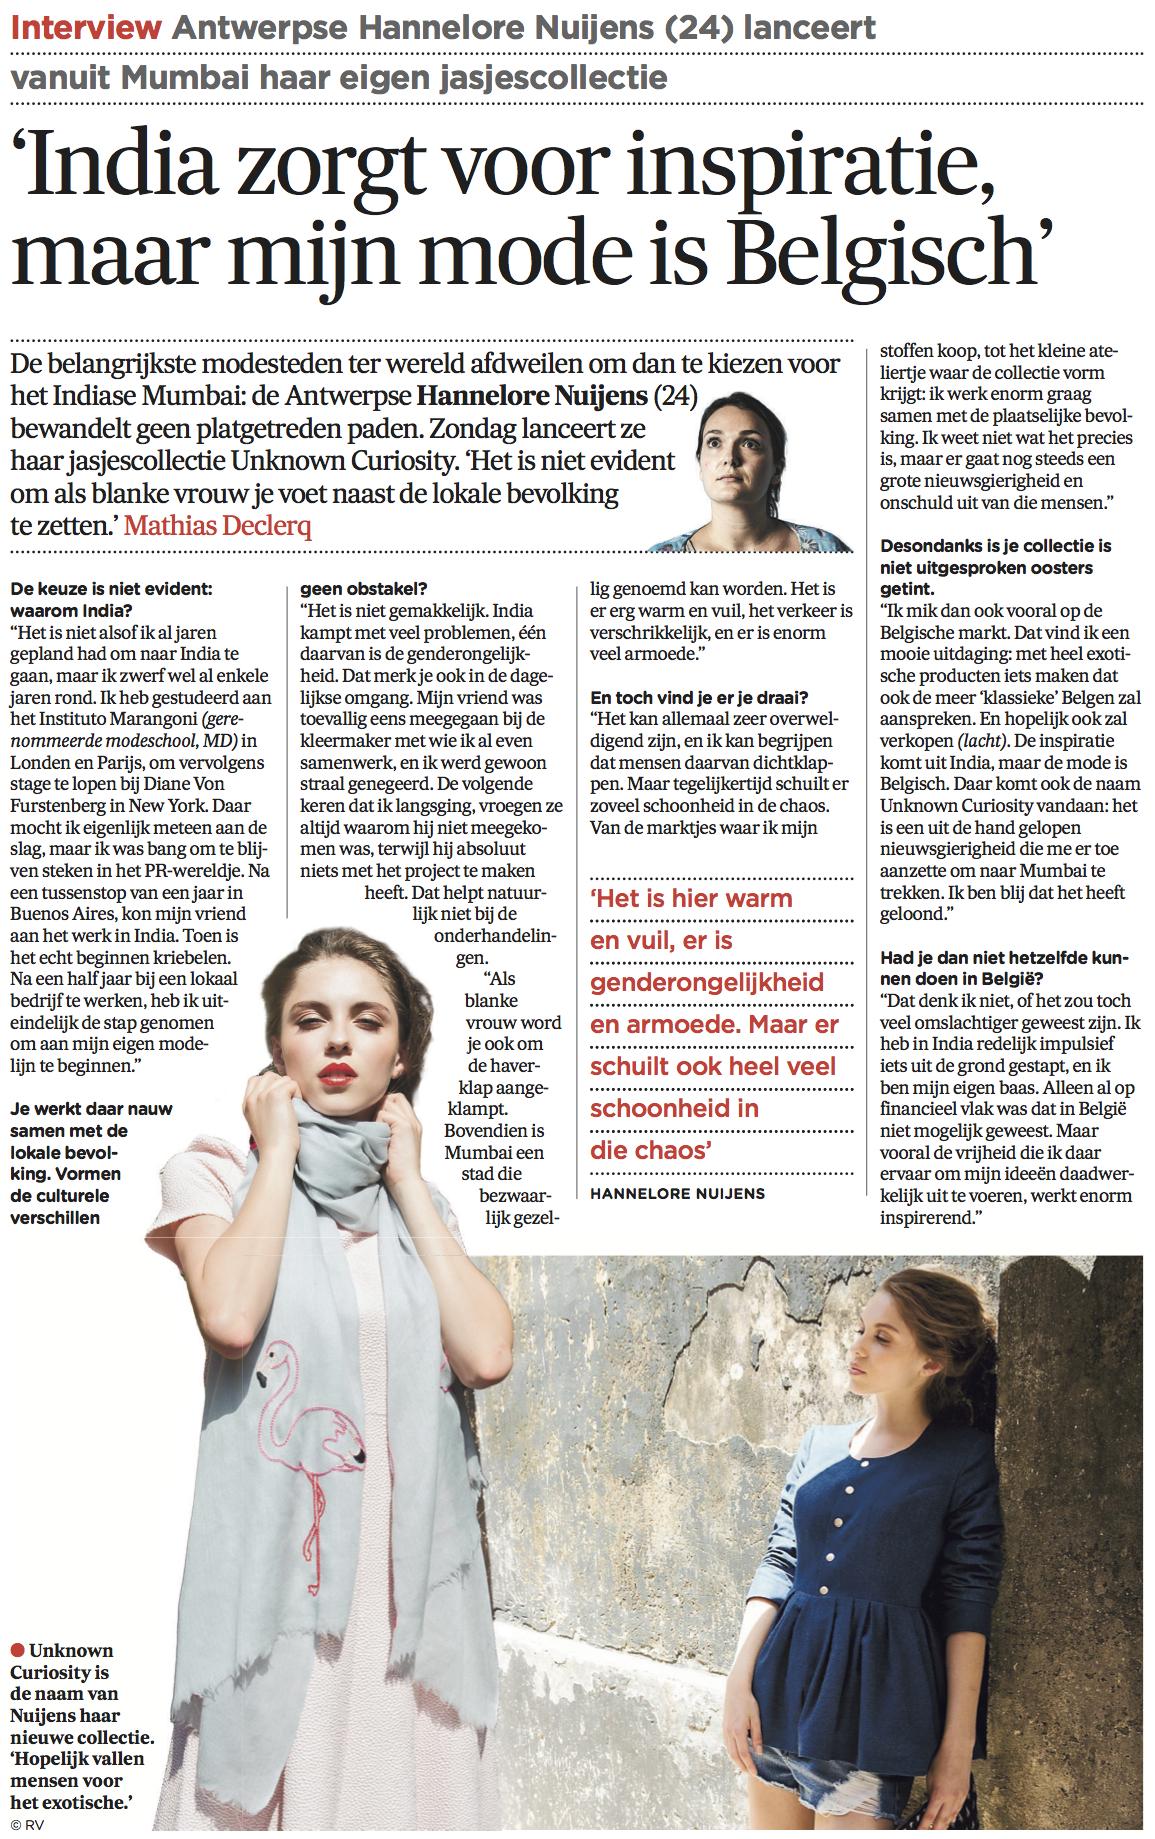 De Morgen - 11th June 2014